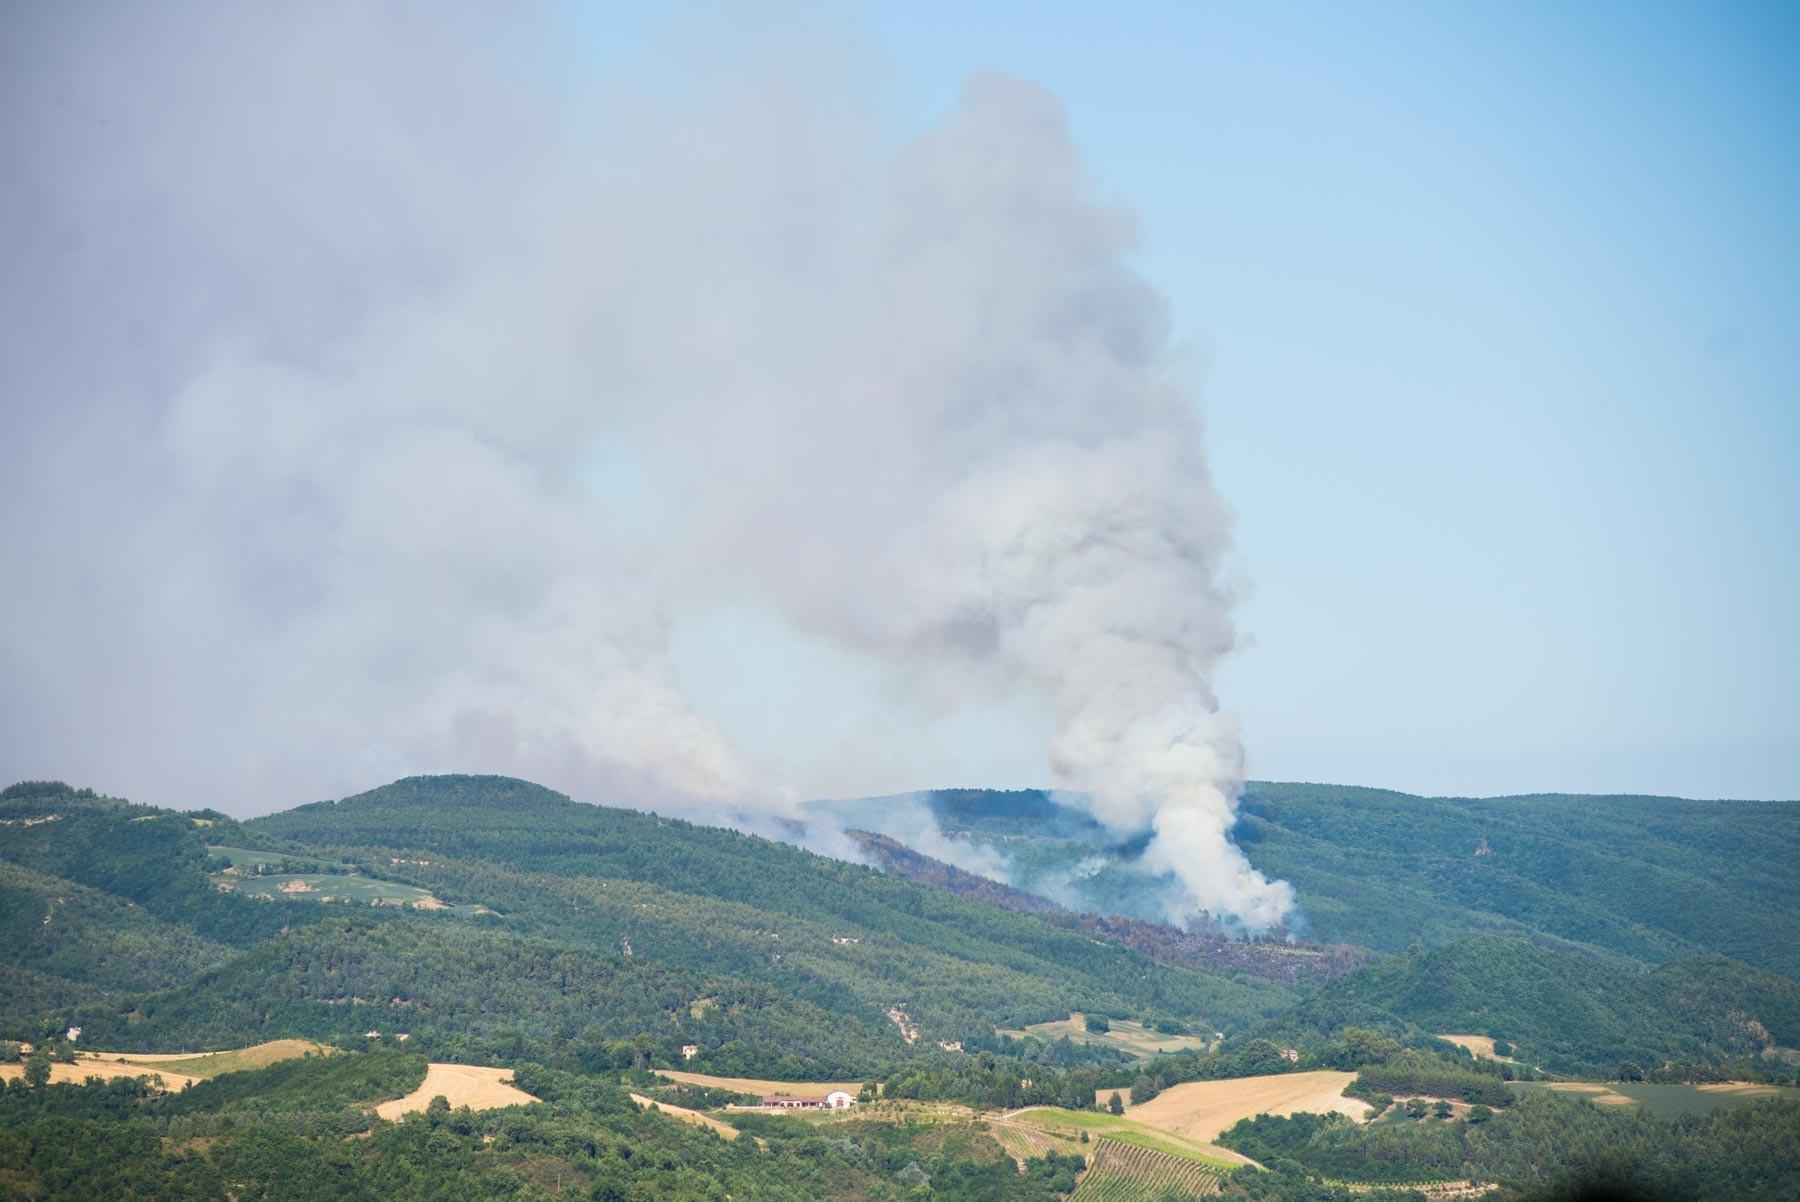 Cesane di Urbino canadair - 07072017 Foto di Donato Mosci